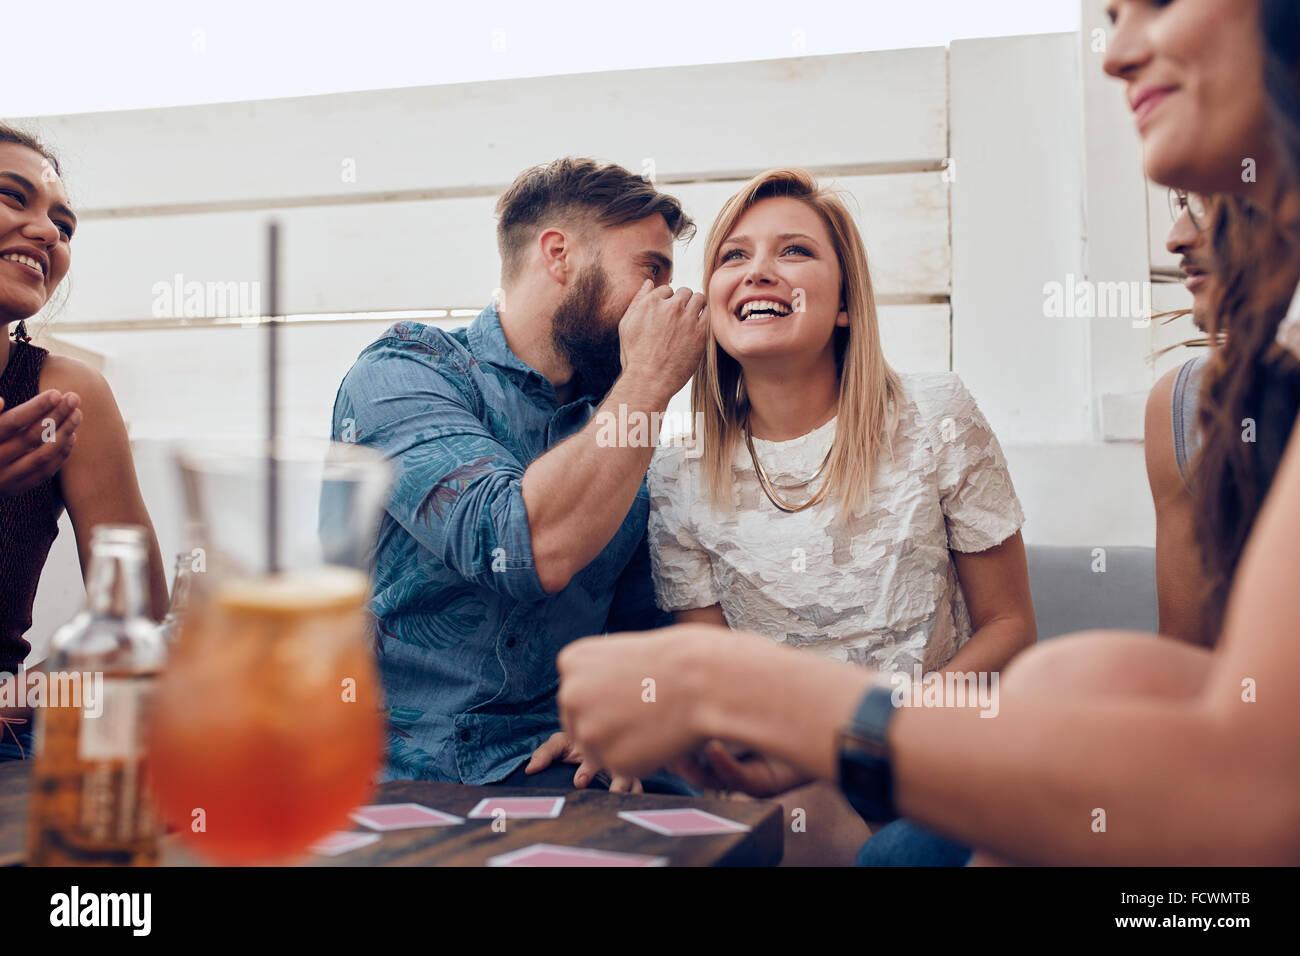 Los jóvenes sentados juntos en un partido. Hombre susurrando algo en las orejas de la mujer. Compartir un secreto. Imagen De Stock